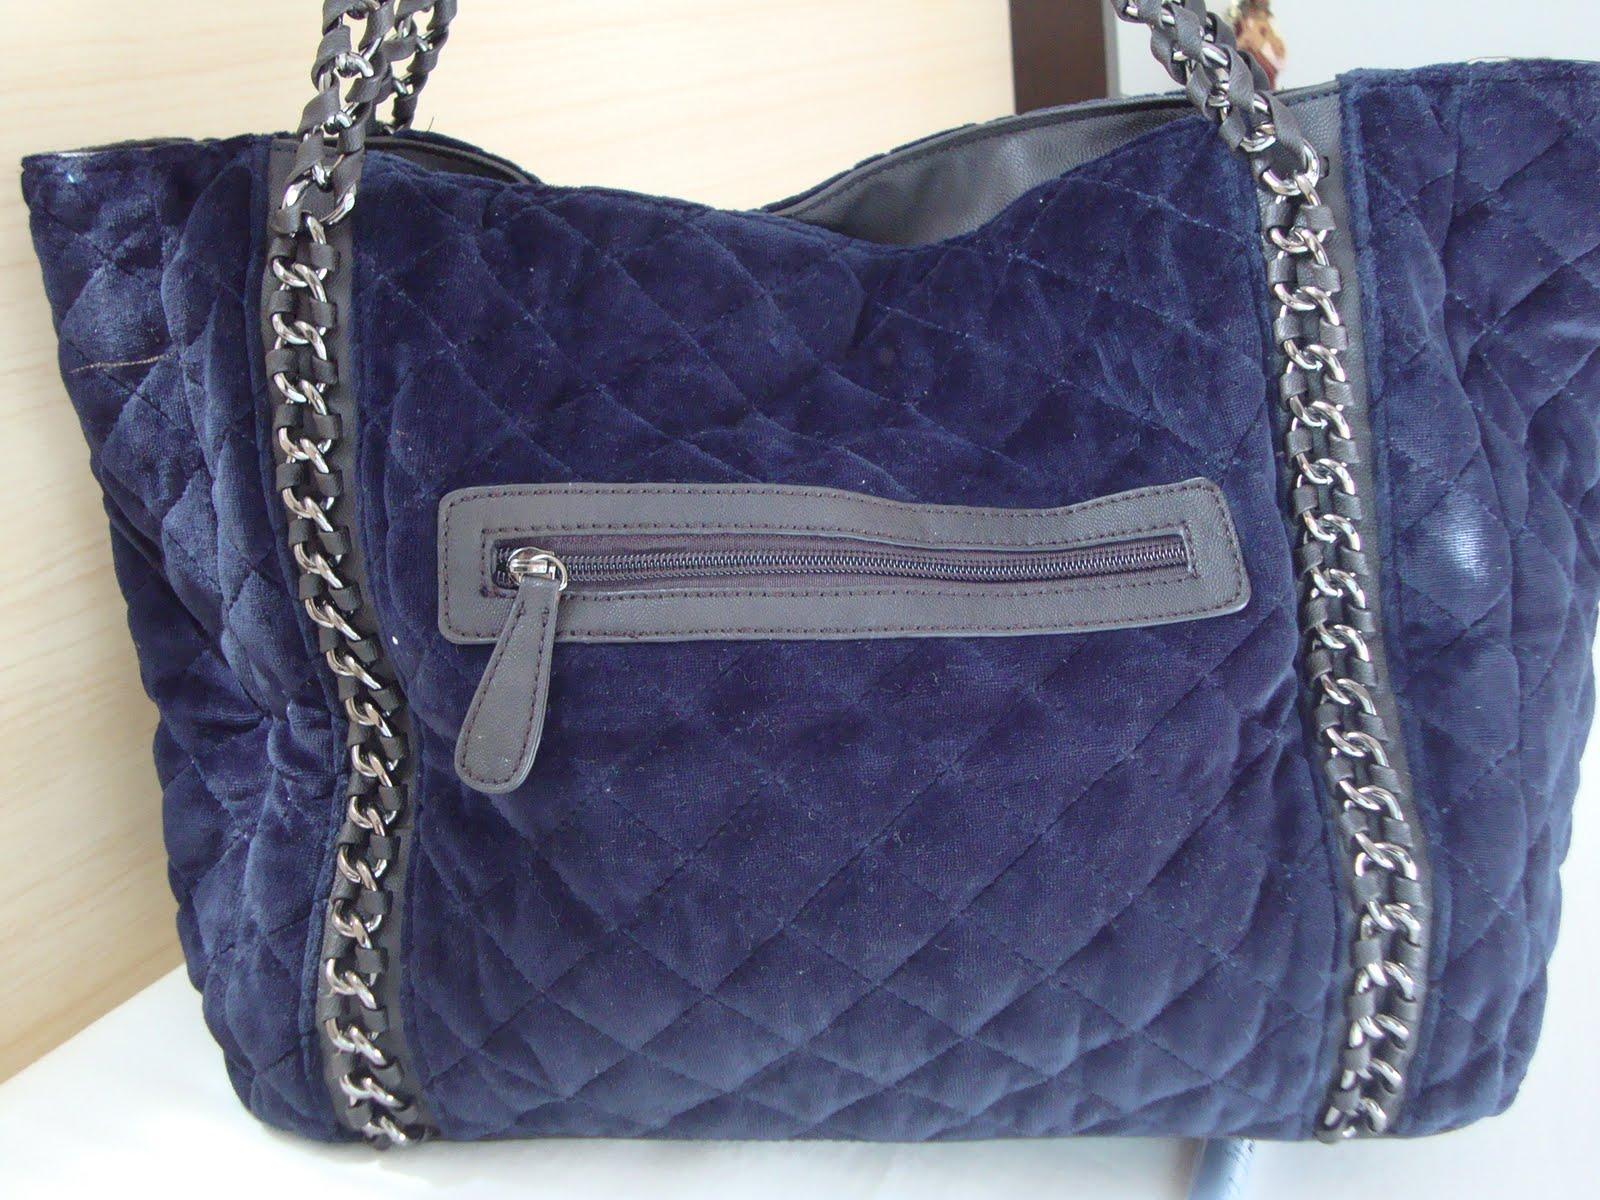 Bolsa De Mao Azul Marinho : Bolsas moda feminina bolsa no azul marinho